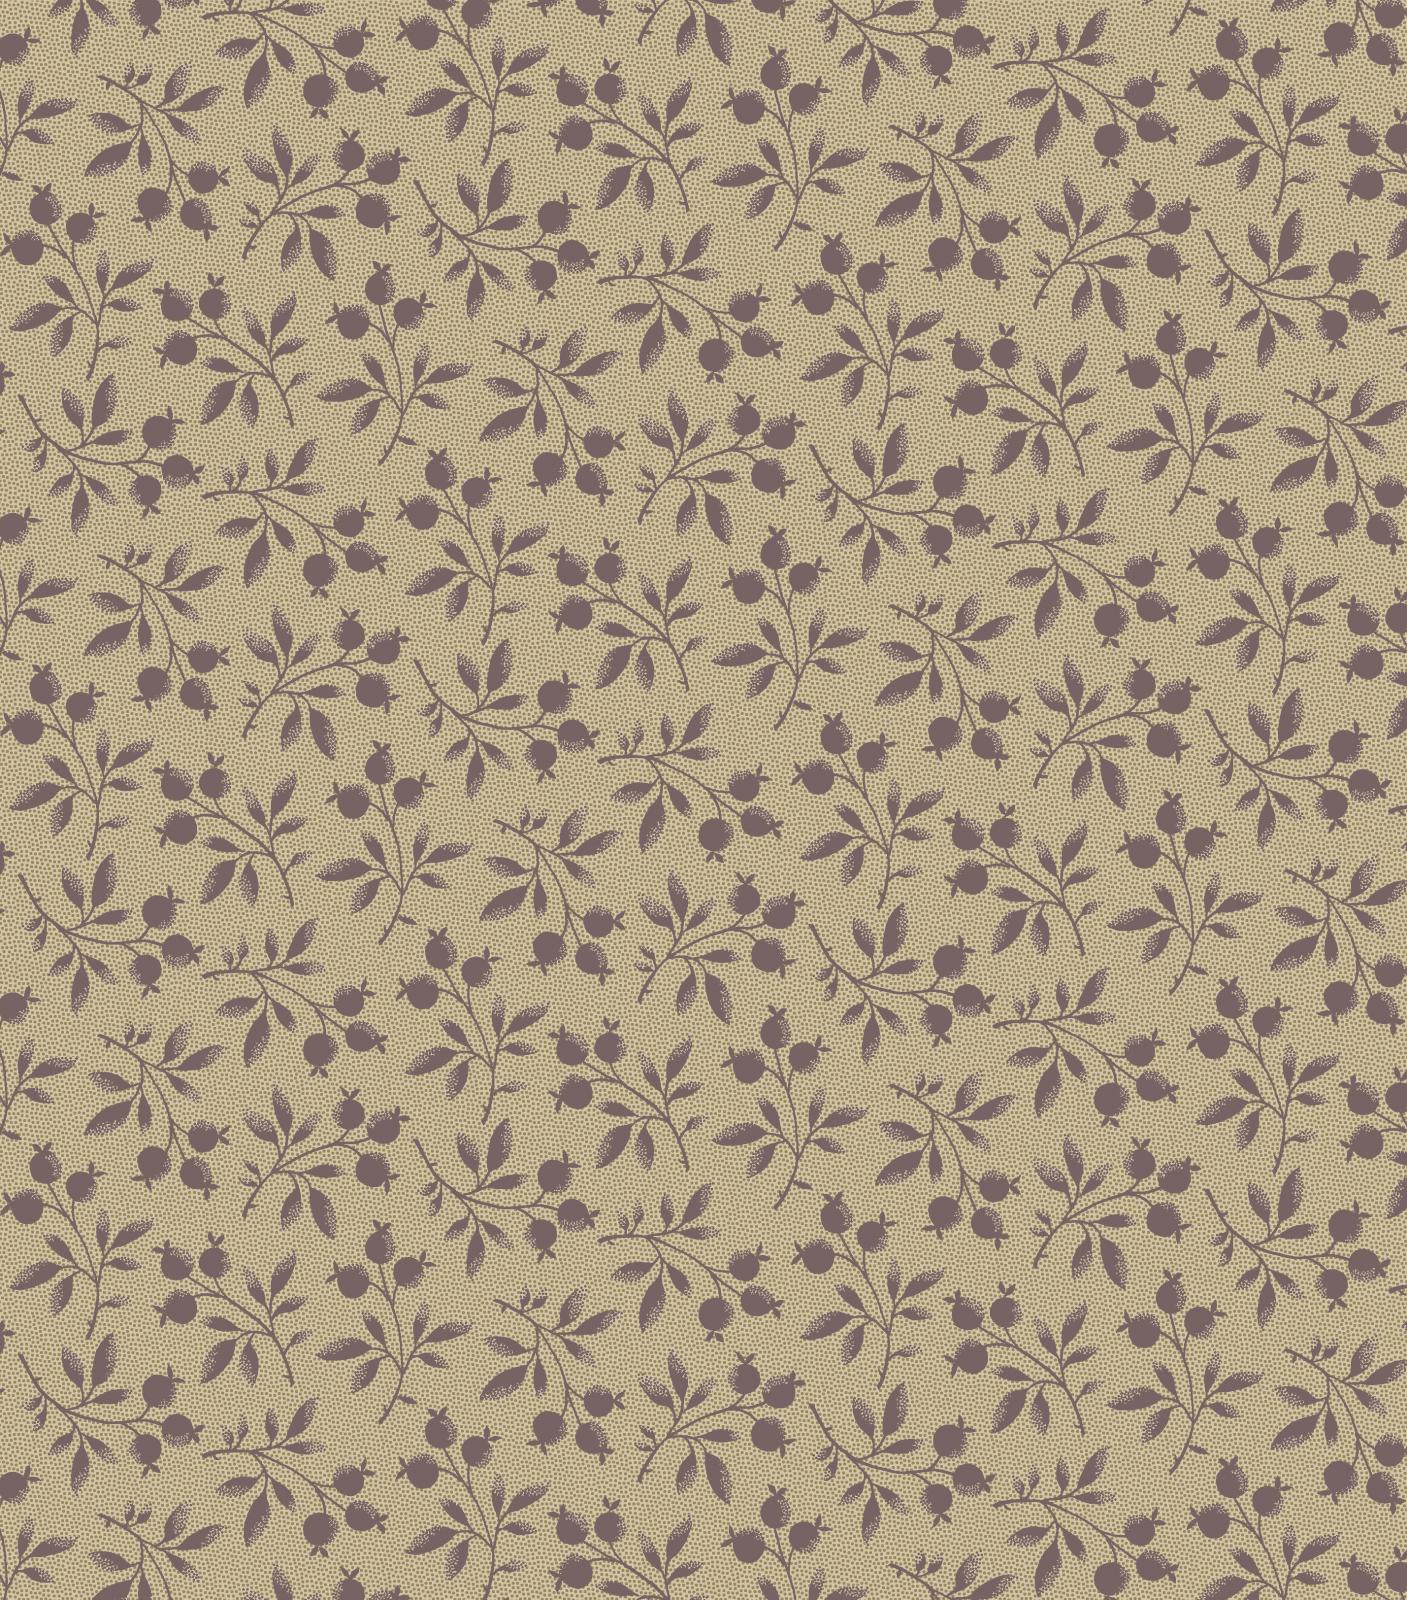 Garden Getaway Fabric 4 (0903 0165)